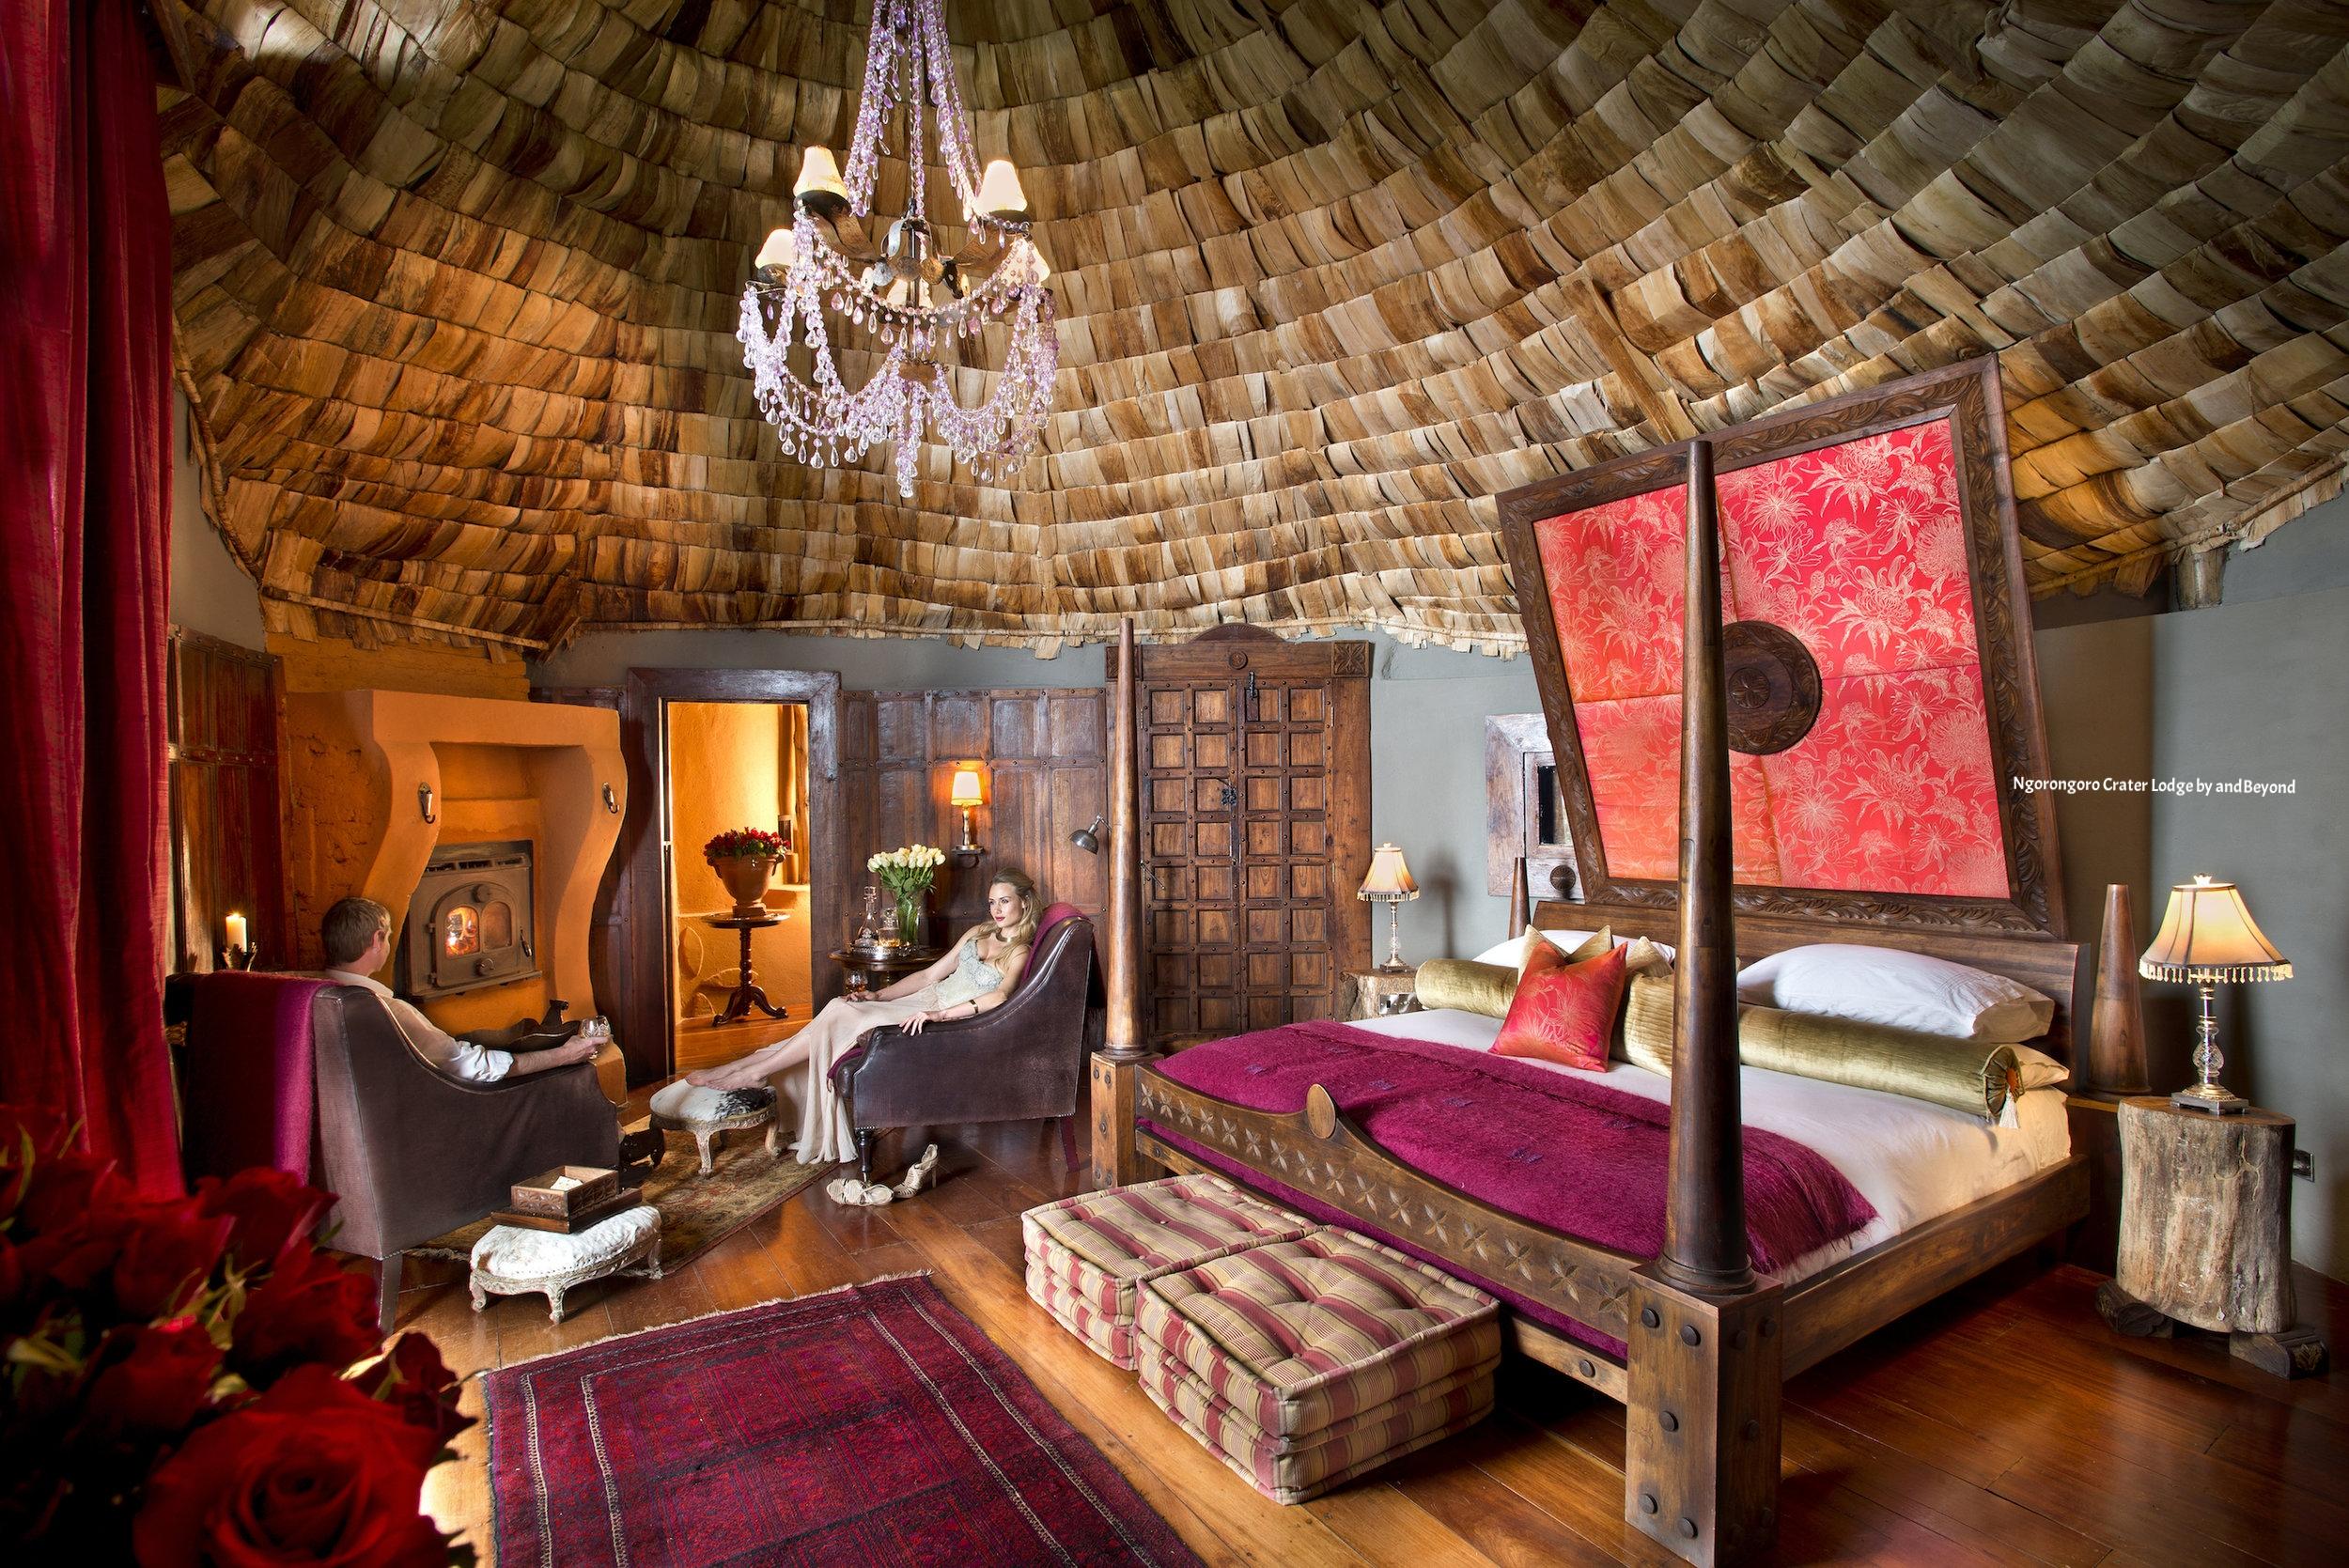 andbeyond_ngorongoro_crater_lodge_takims_holidays.jpg